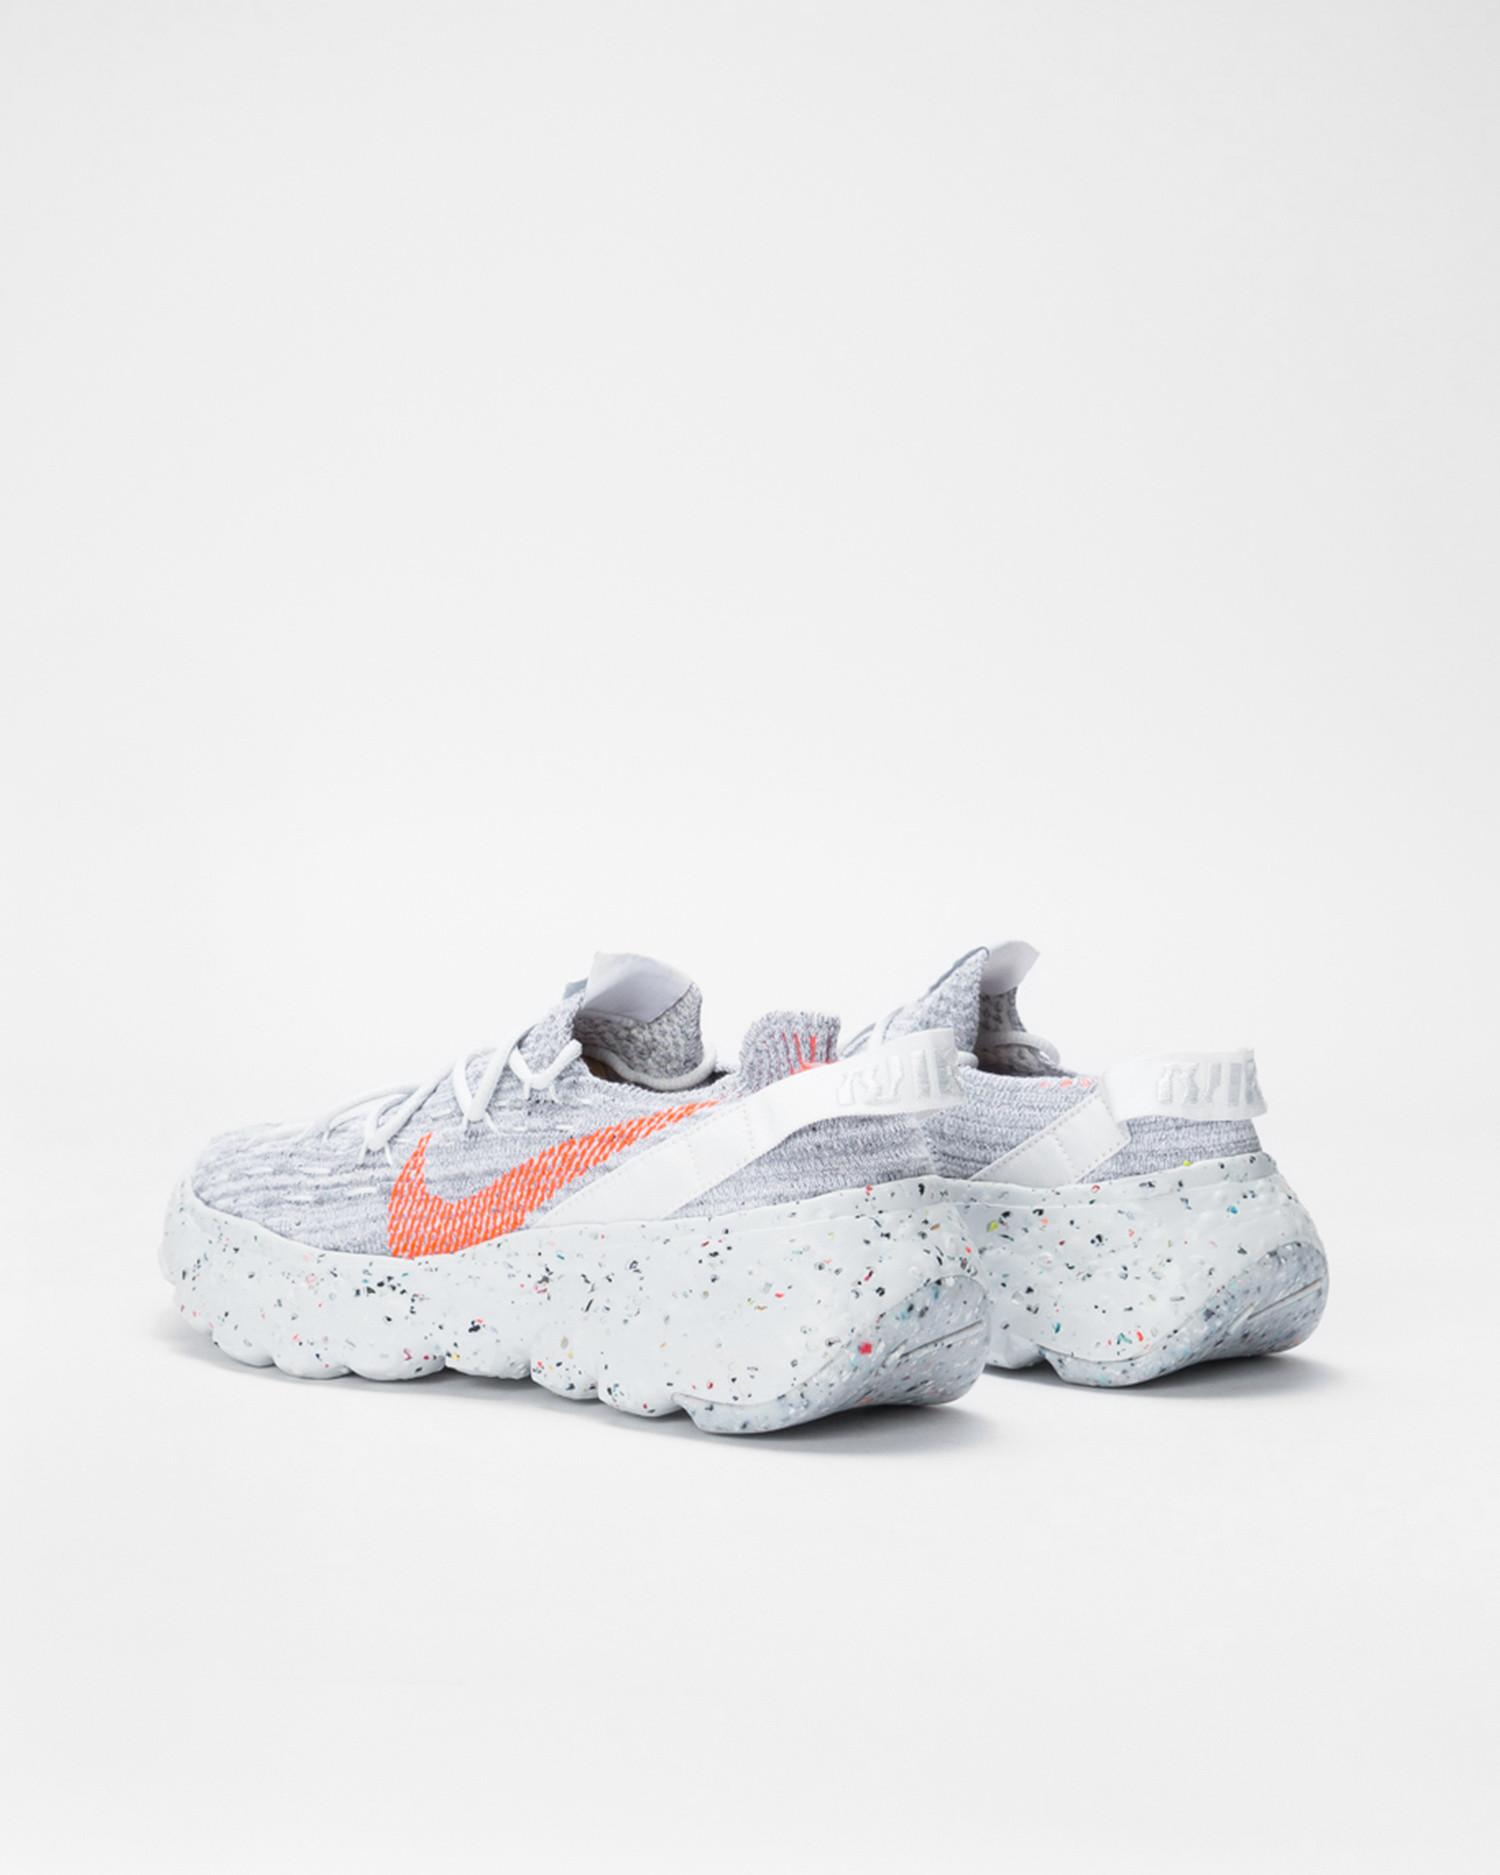 Nike W Space Hippie 04 summit white/hyper crimson